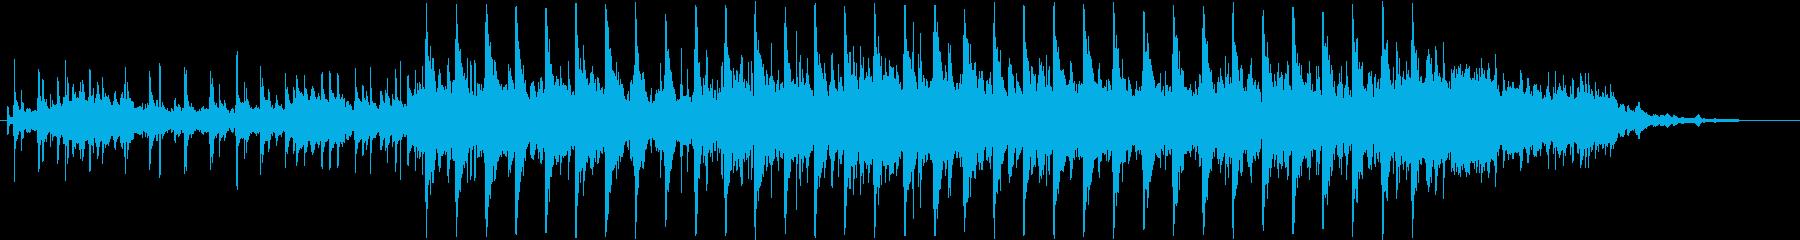 おしゃれ、ハイテクのリズム音楽 30sの再生済みの波形